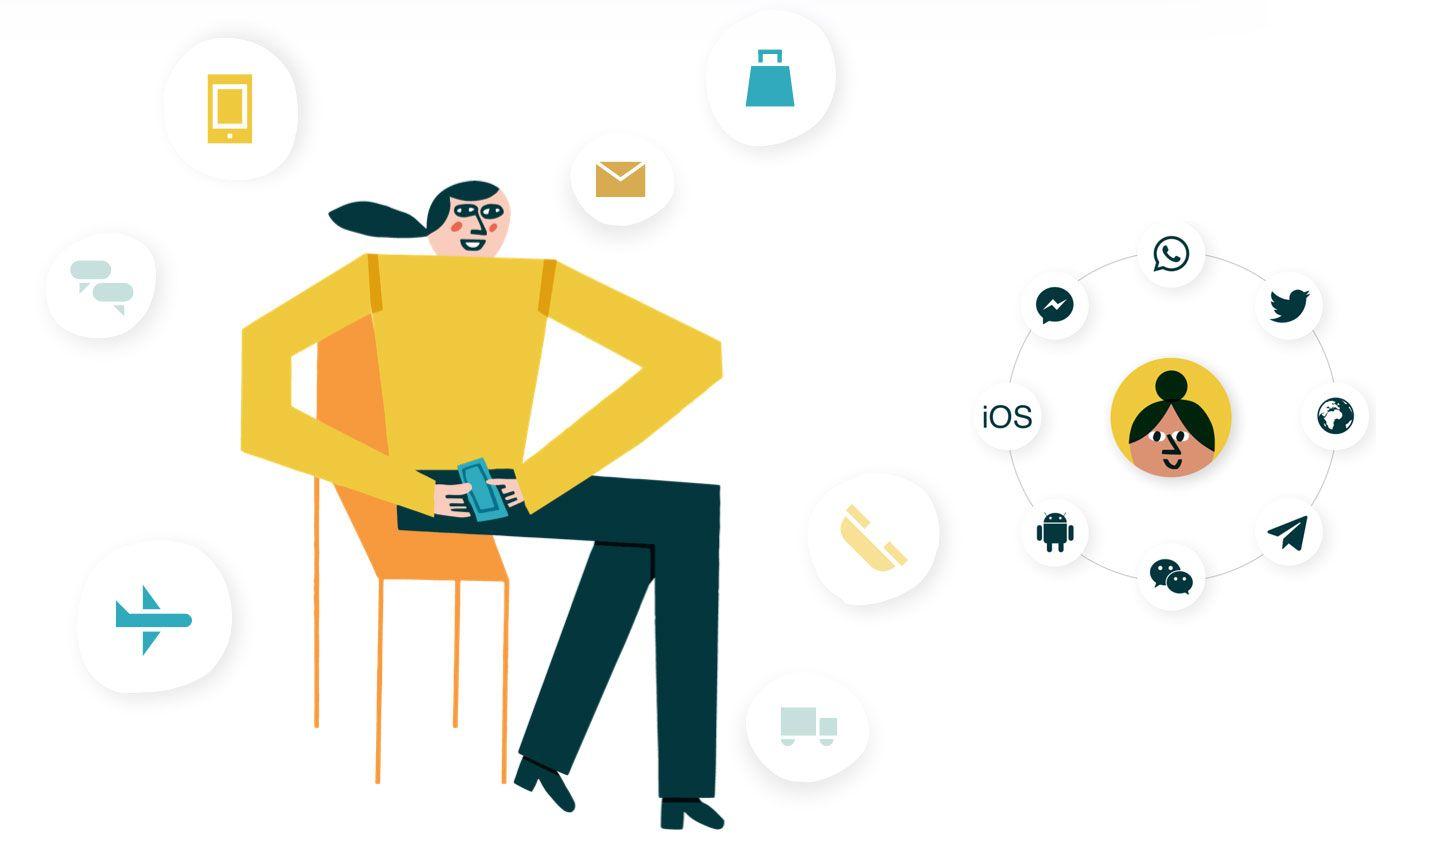 Zendesk impulsa futuro de los negocios conversacionales con Sunshine Conversations